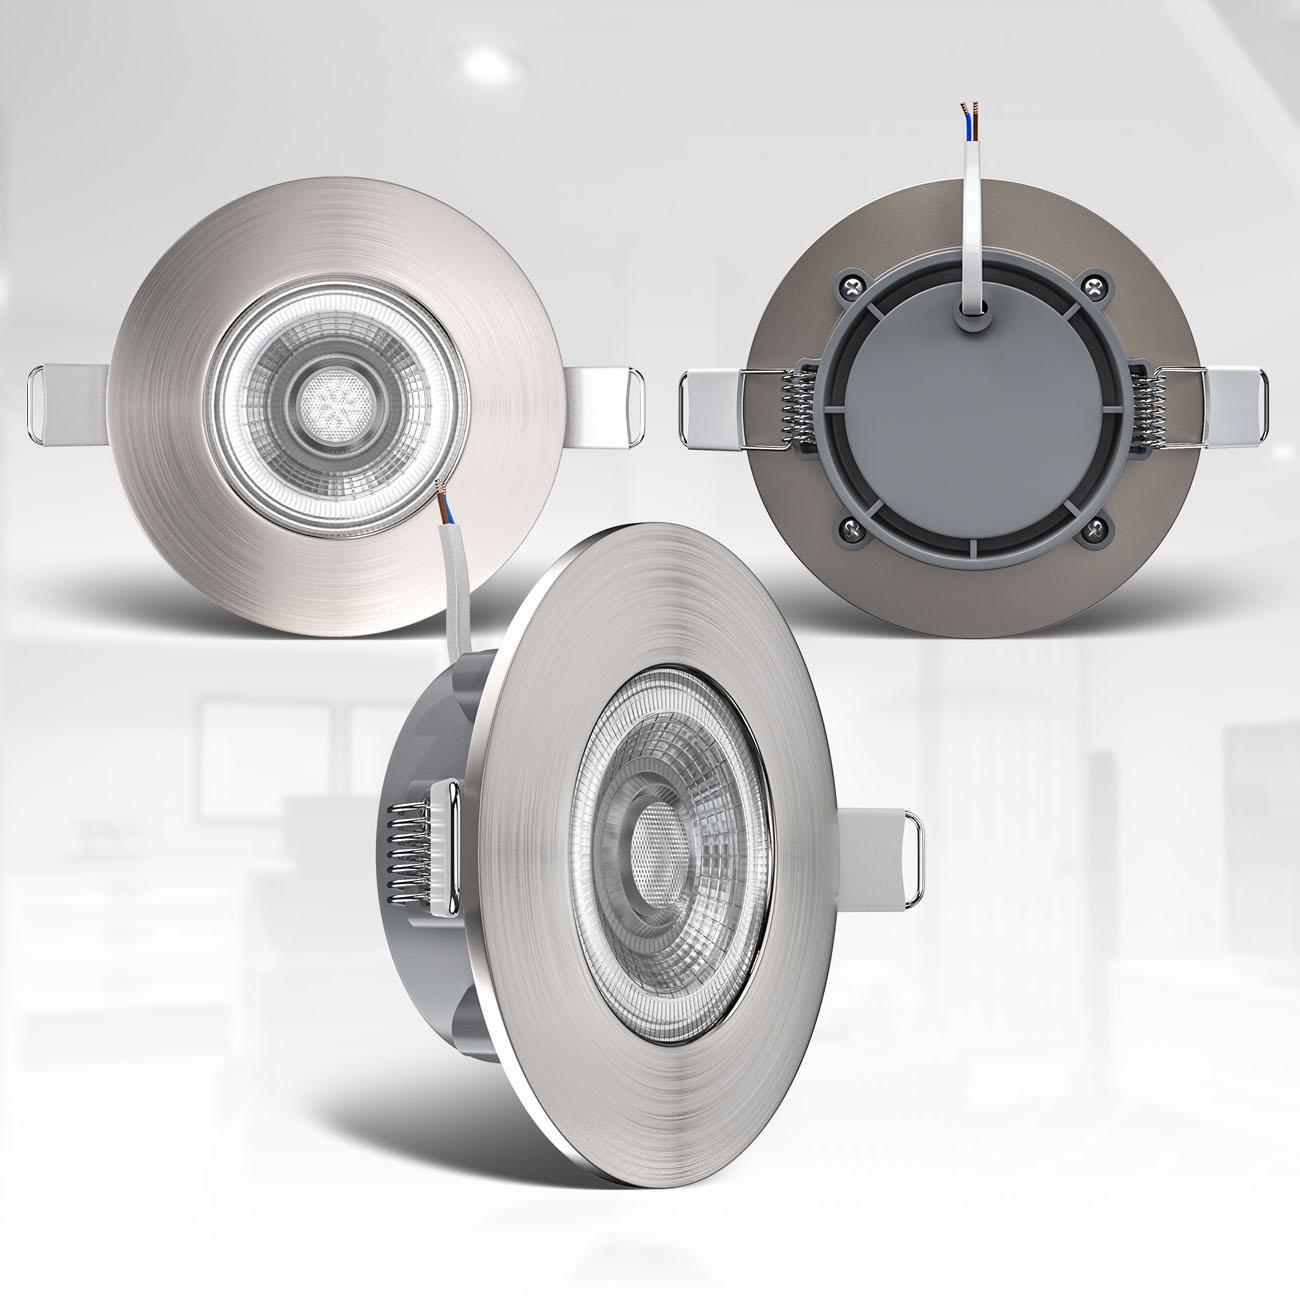 LED Einbaustrahler   Bad Einbauleuchte 6er SET   ultra flach 5W IP44 - 6